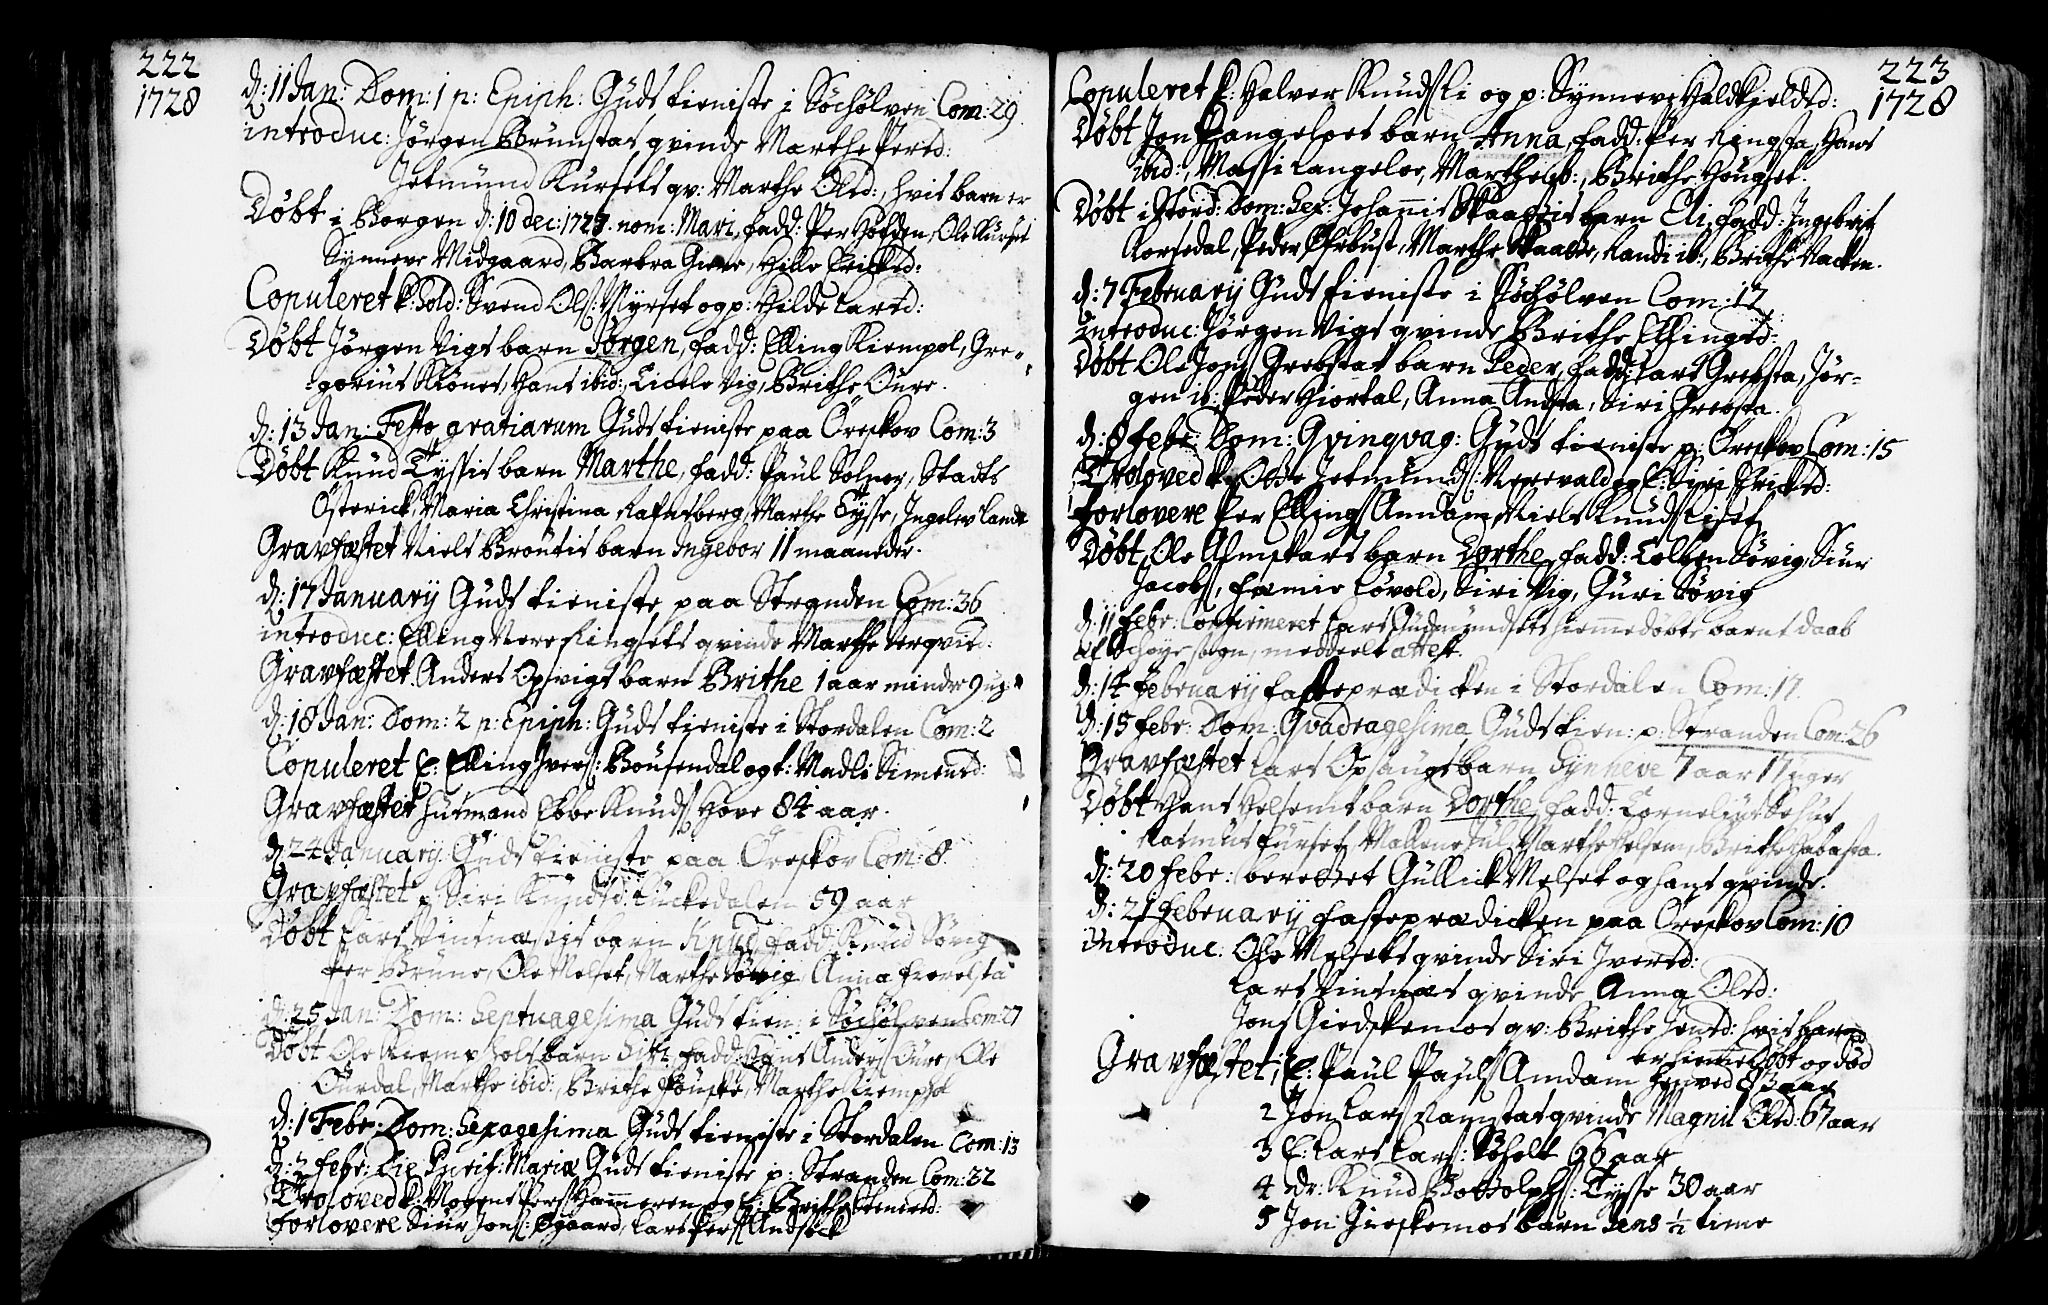 SAT, Ministerialprotokoller, klokkerbøker og fødselsregistre - Møre og Romsdal, 522/L0306: Ministerialbok nr. 522A01, 1720-1743, s. 222-223